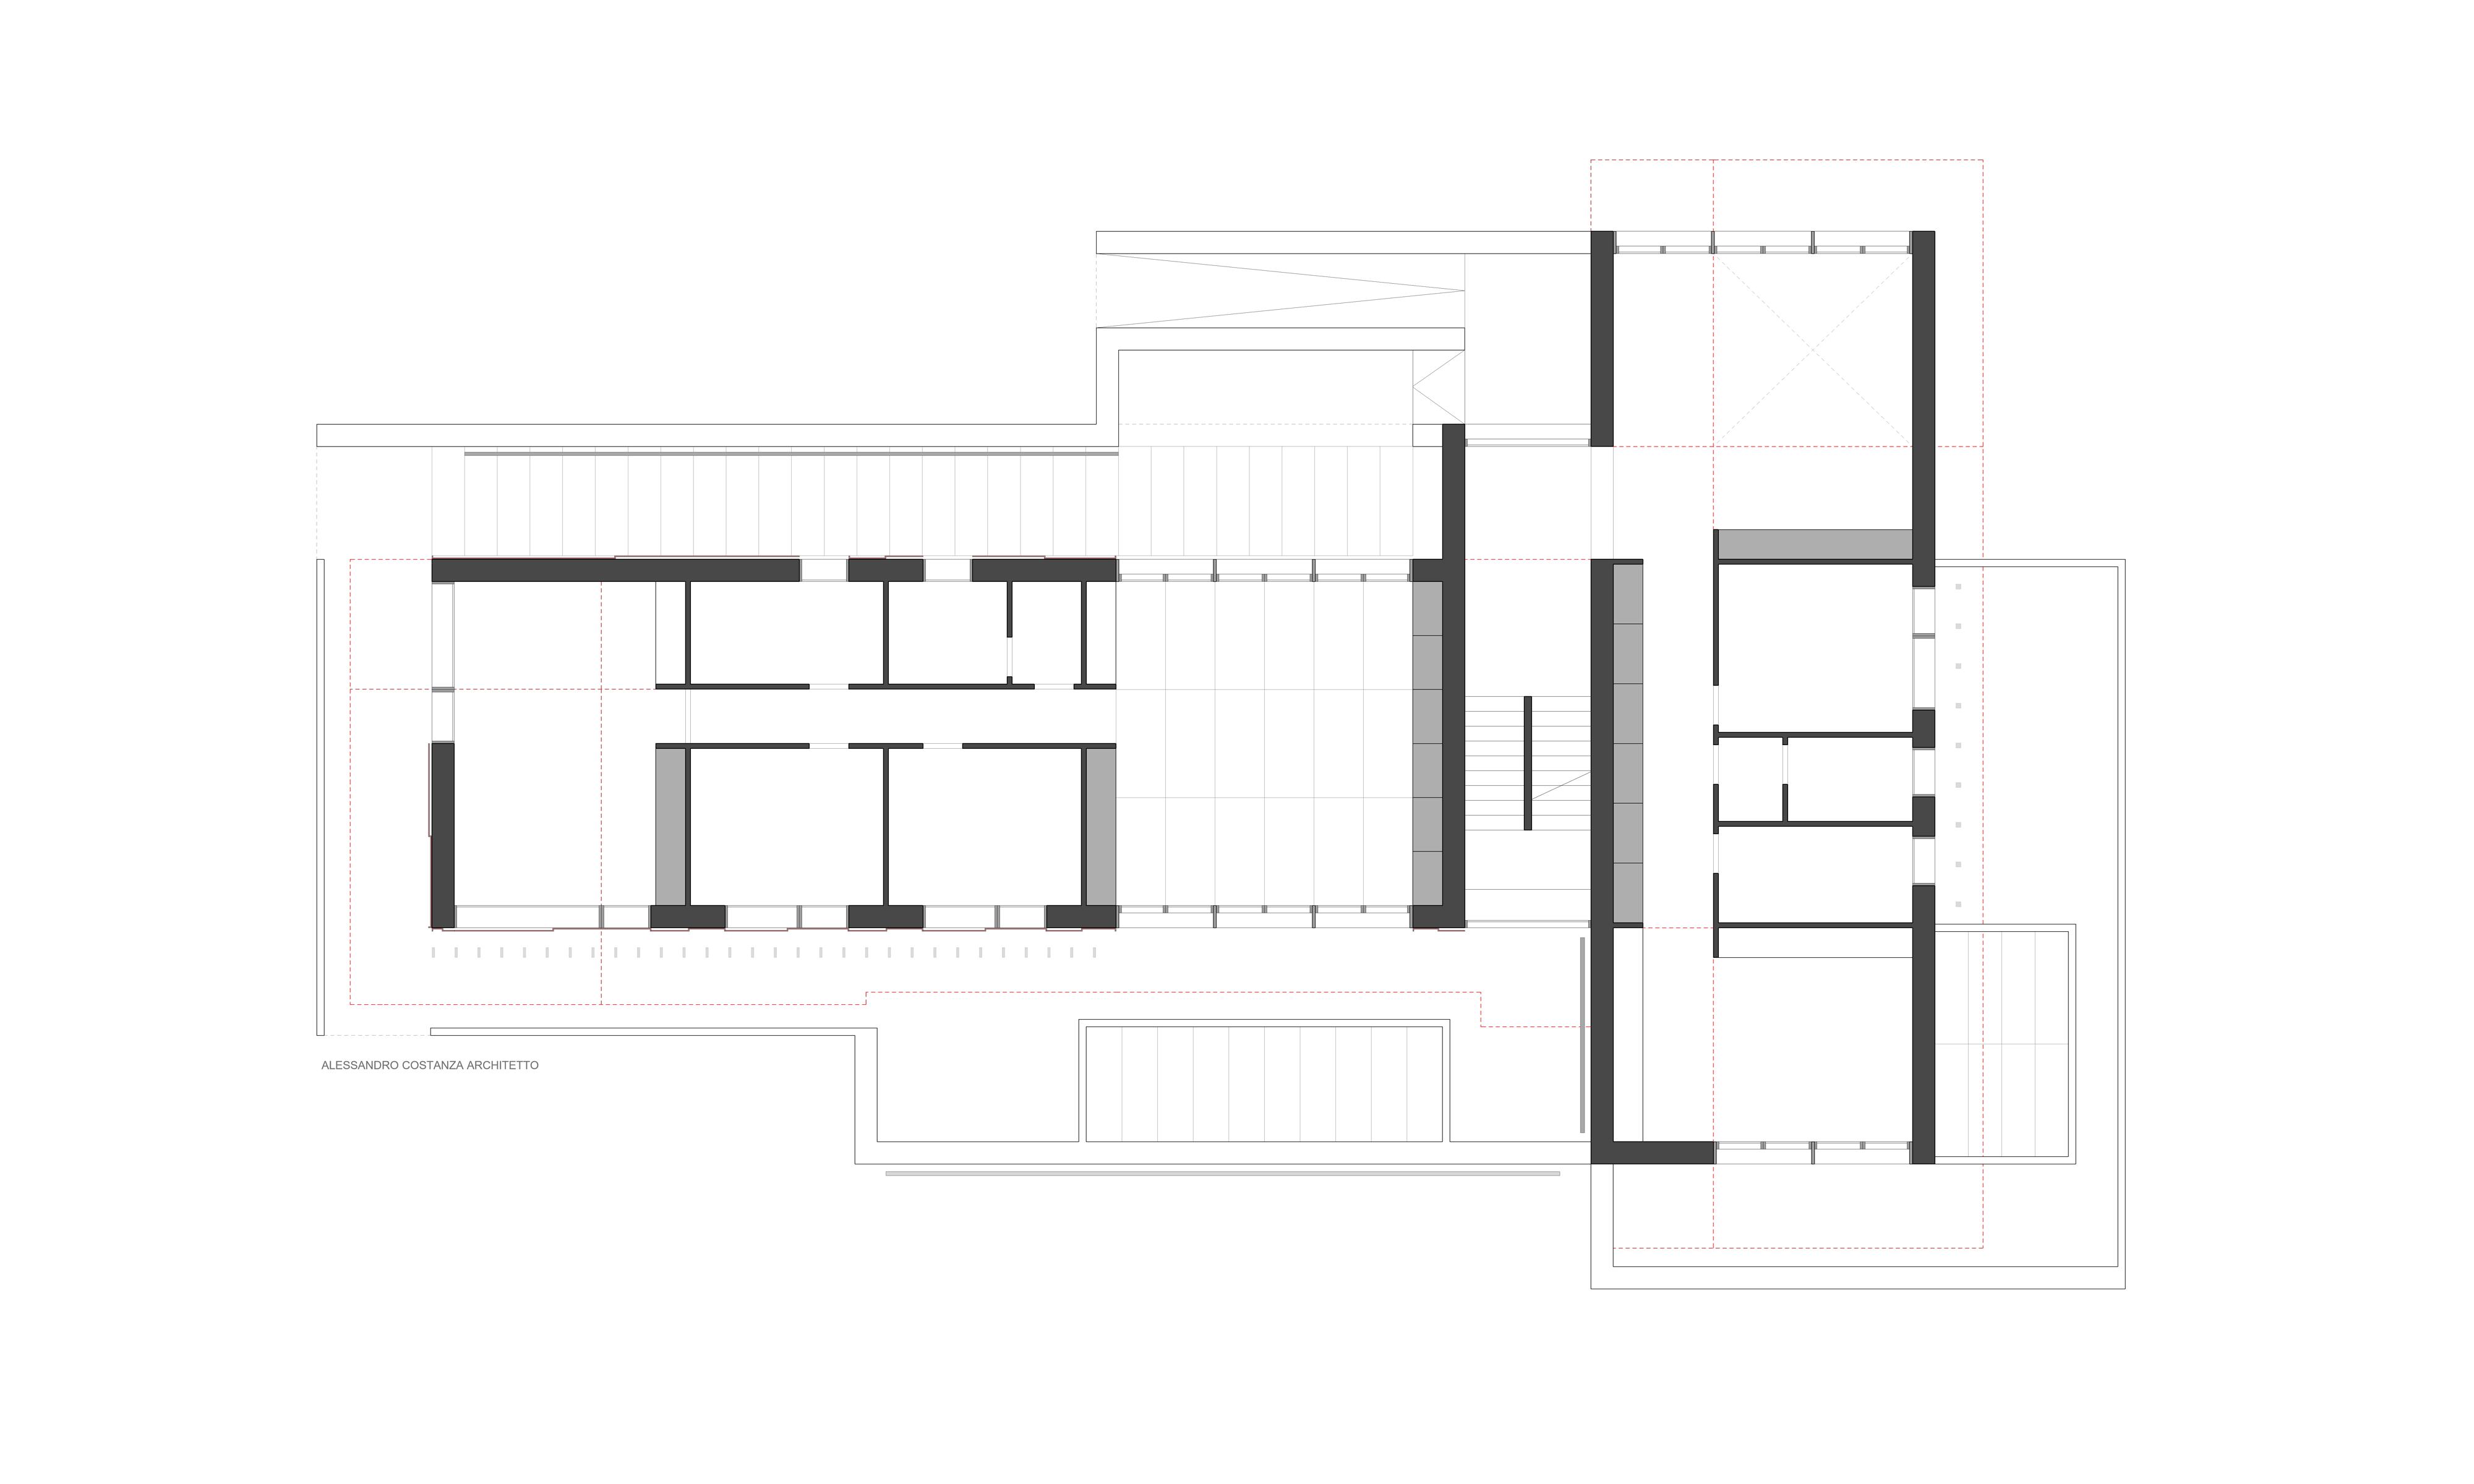 progetto per abitazione bifamiliare pianta piano terra